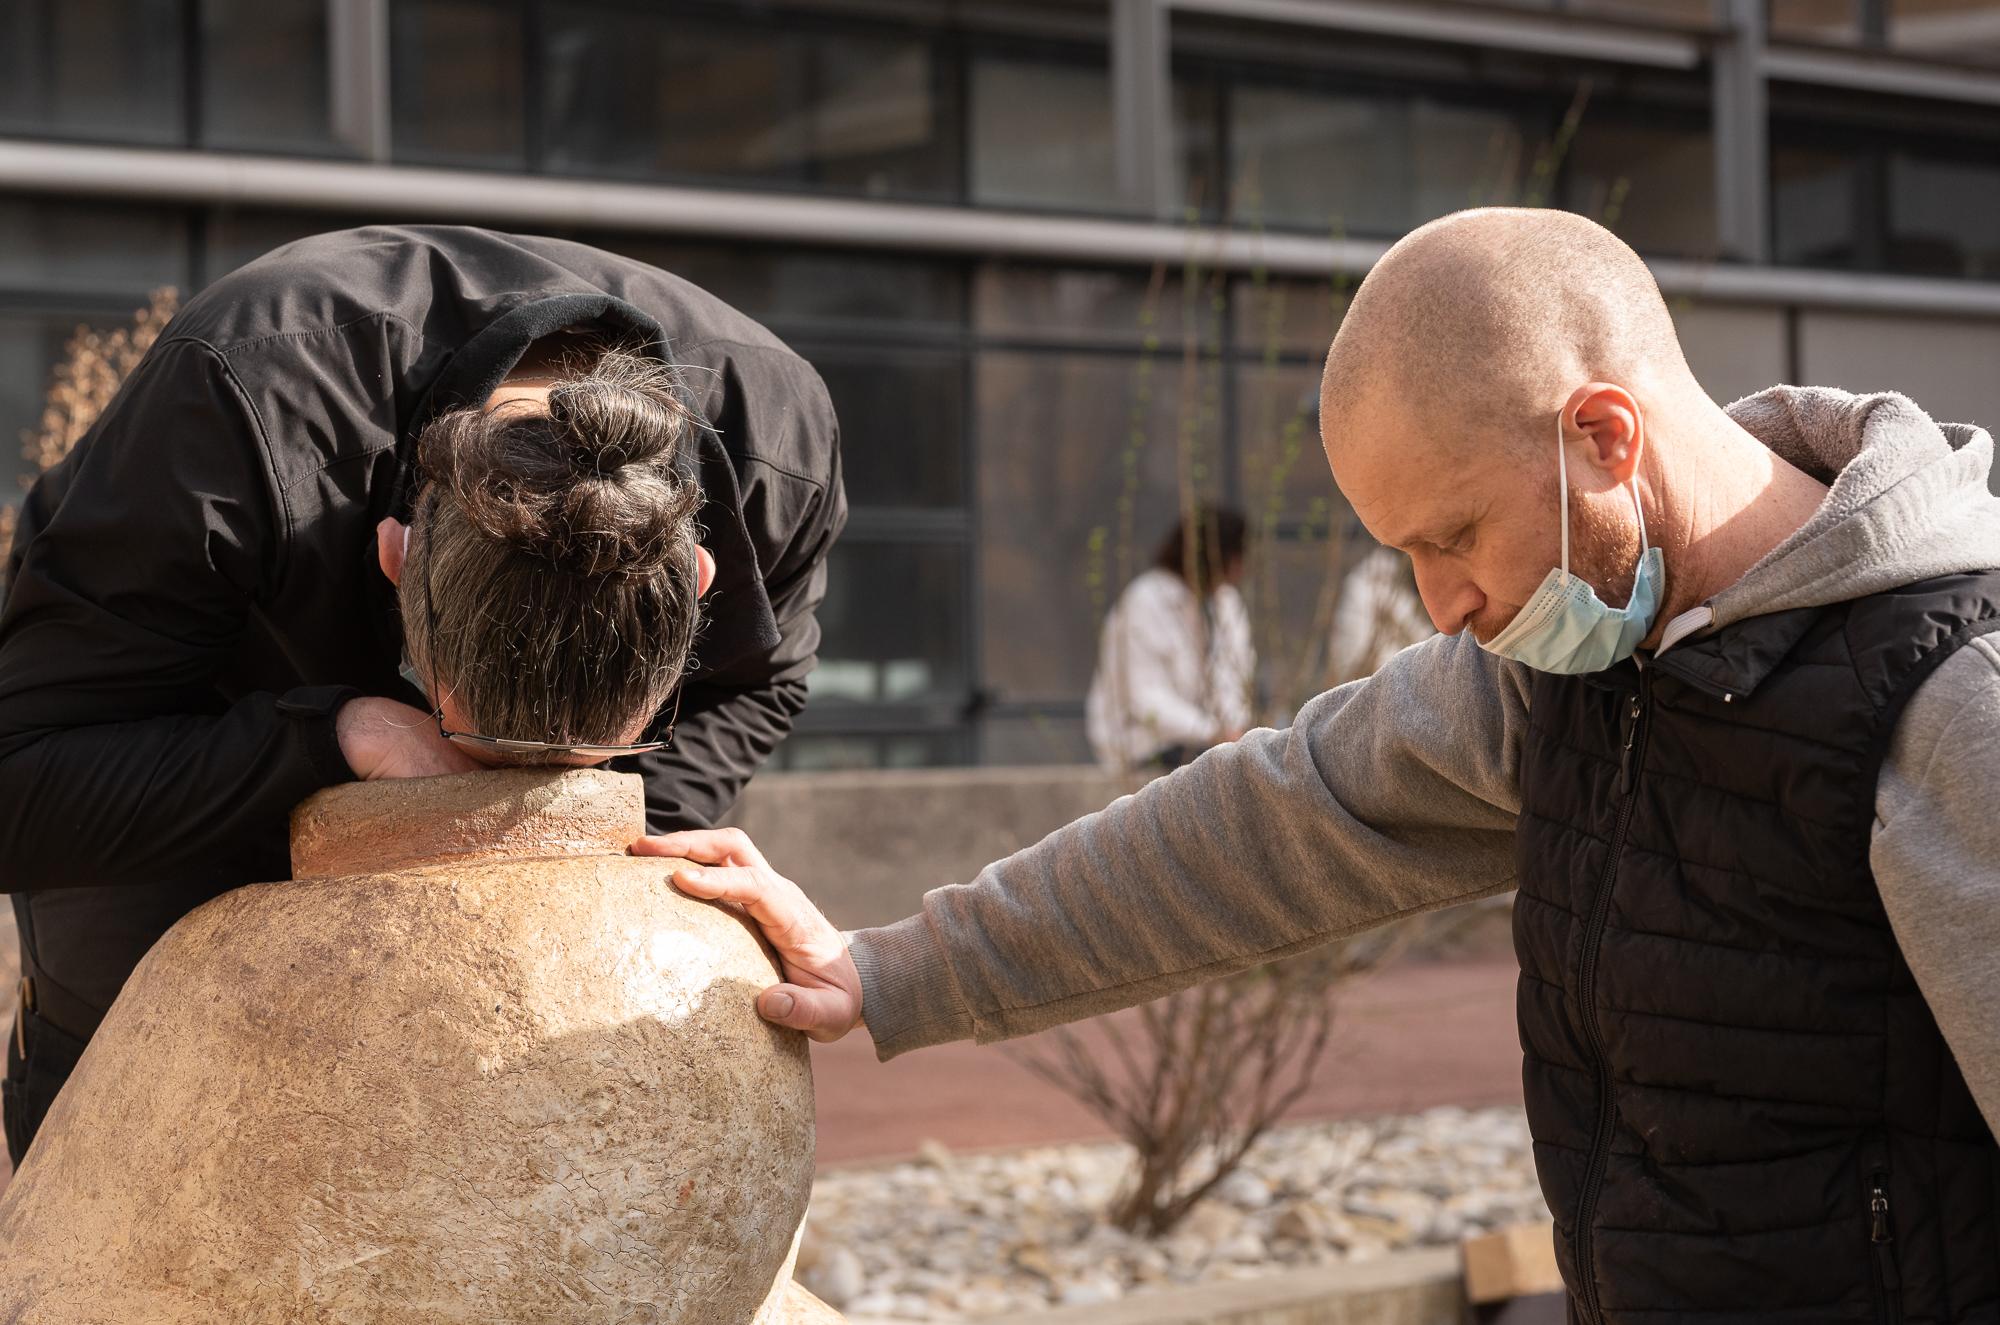 La main à la pâte © David VENIER - Université Jean Moulin Lyon 3